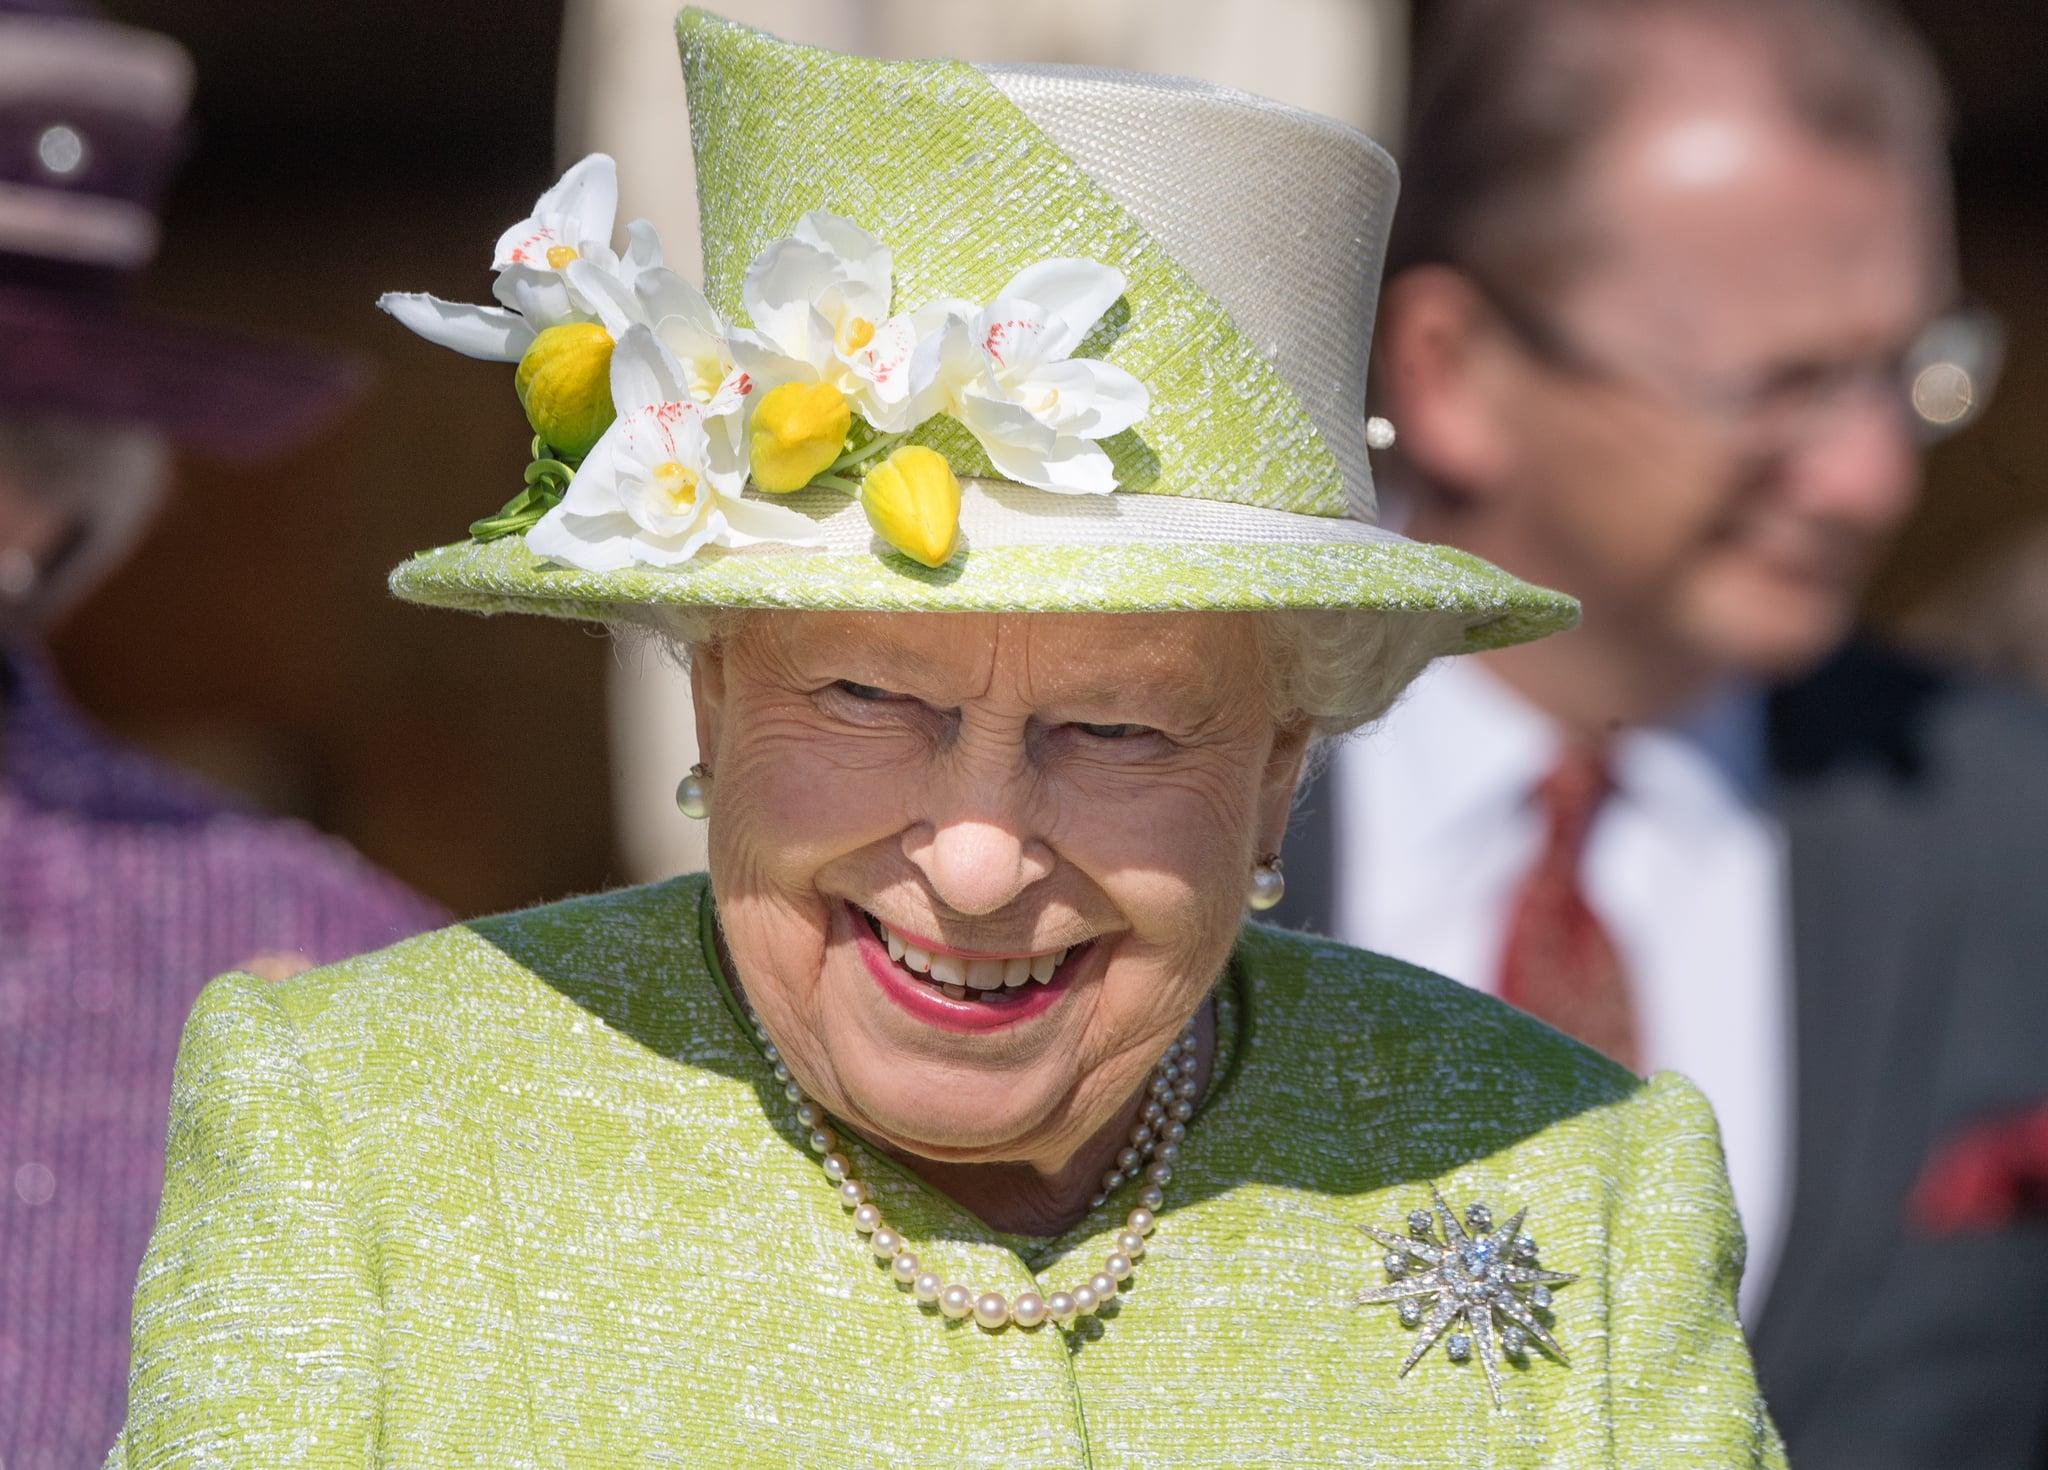 """NTK """"ruột"""" bật mí bí mật nhan sắc của Nữ hoàng Anh: Không bao giờ để người khác động chạm vào da, chỉ ưng duy nhất tuýp kem dưỡng ẩm 600k - Ảnh 1."""